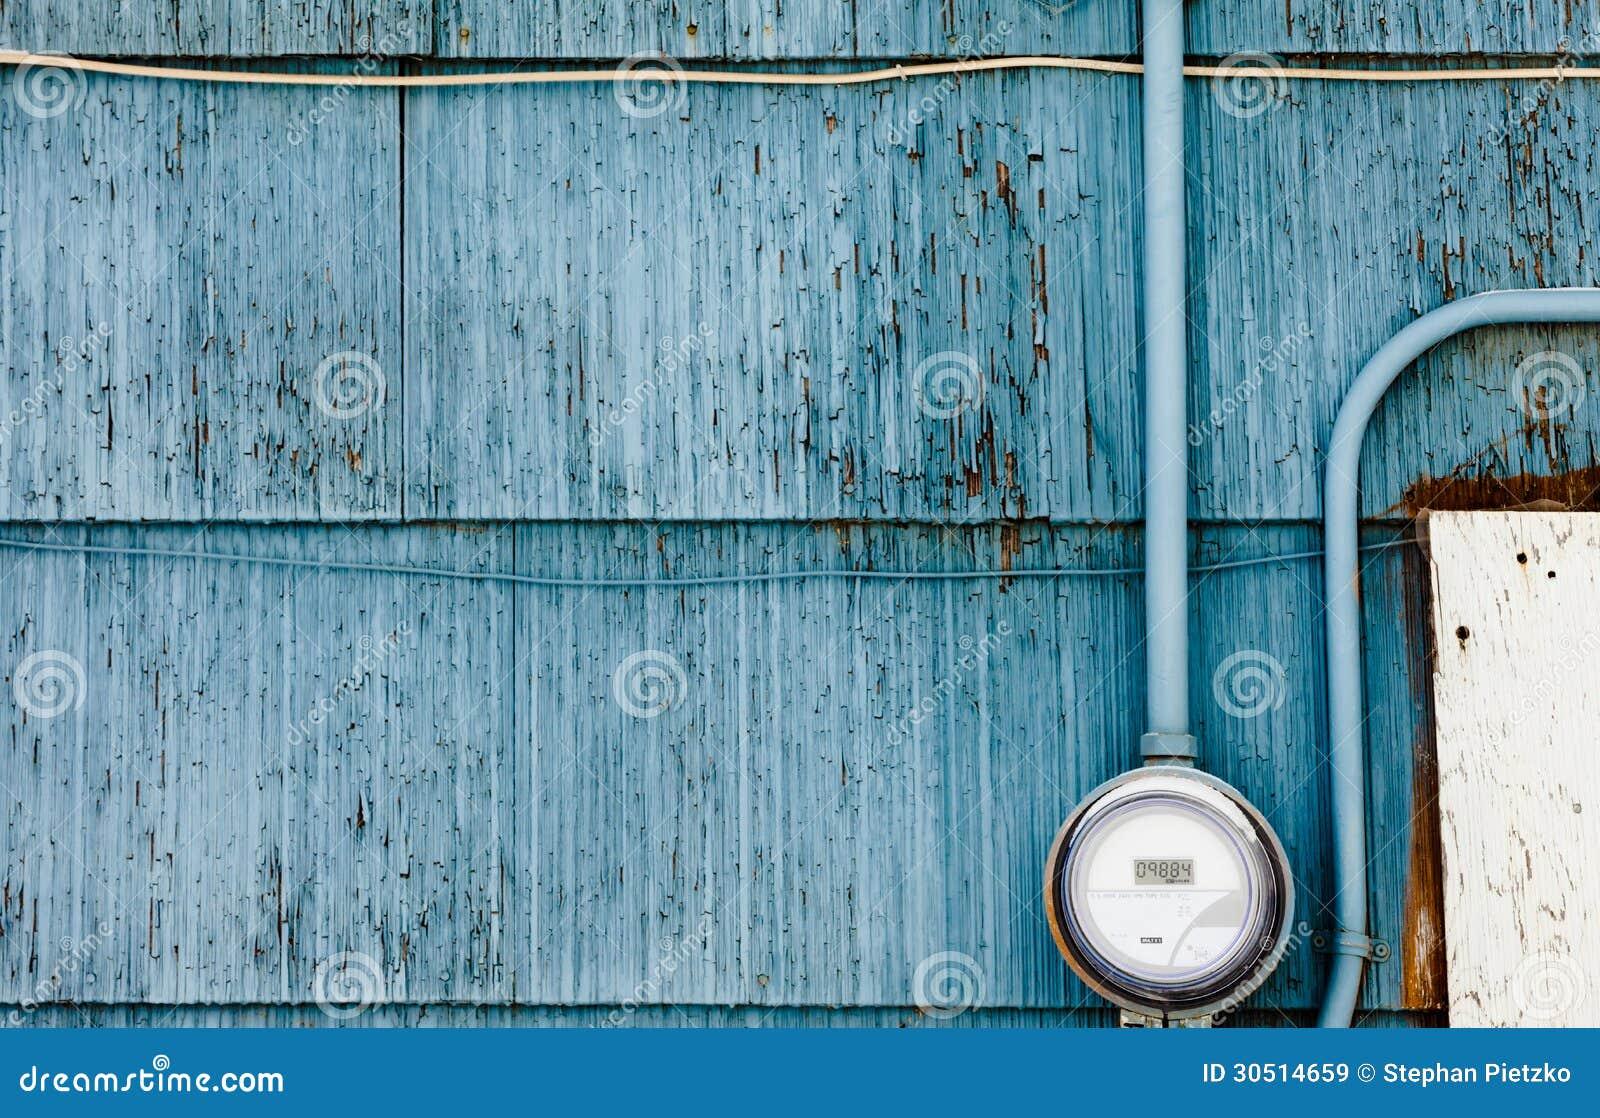 Έξυπνος μετρητής παροχής ηλεκτρικού ρεύματος πλέγματος στο βρώμικο μπλε τοίχο